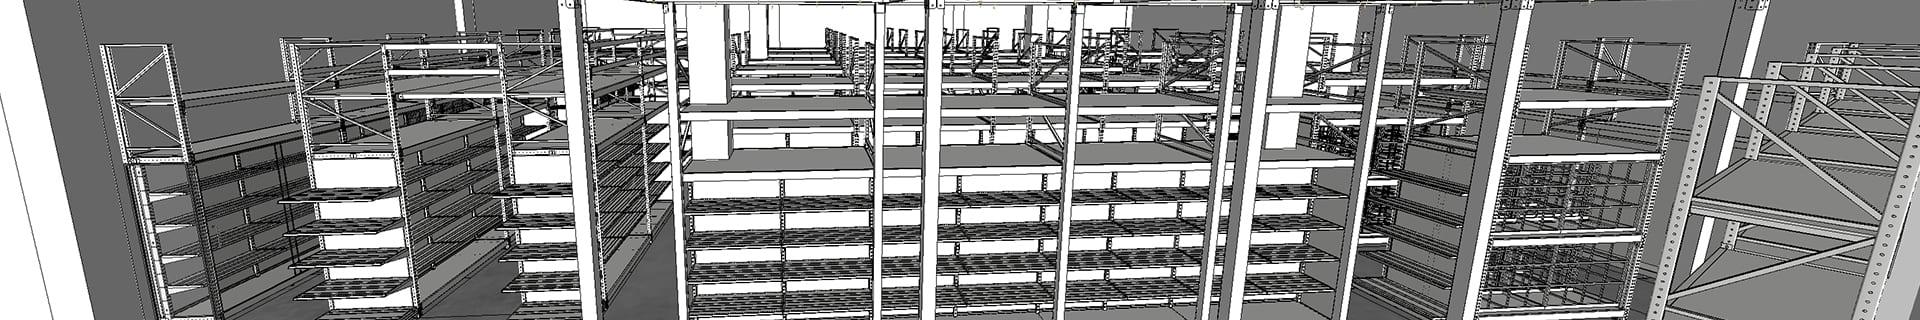 shelving design 2